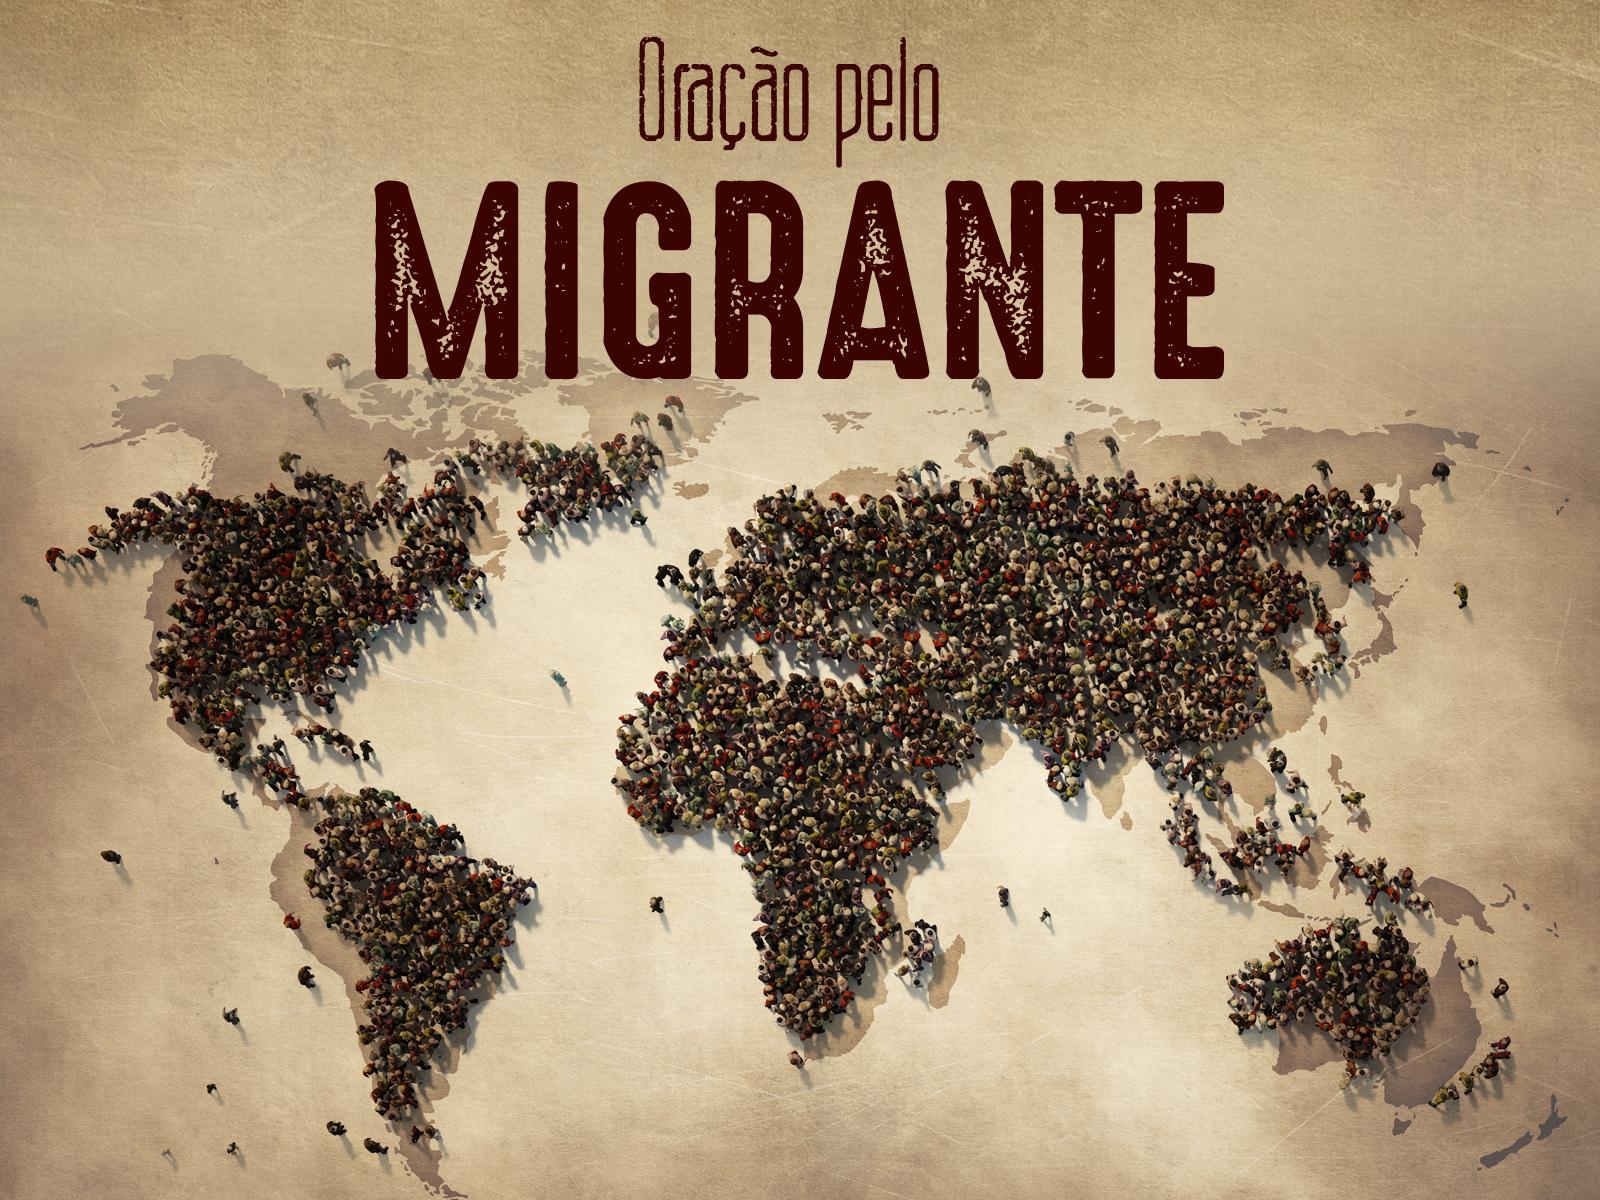 Rezemos pelos migrantes e refugiados